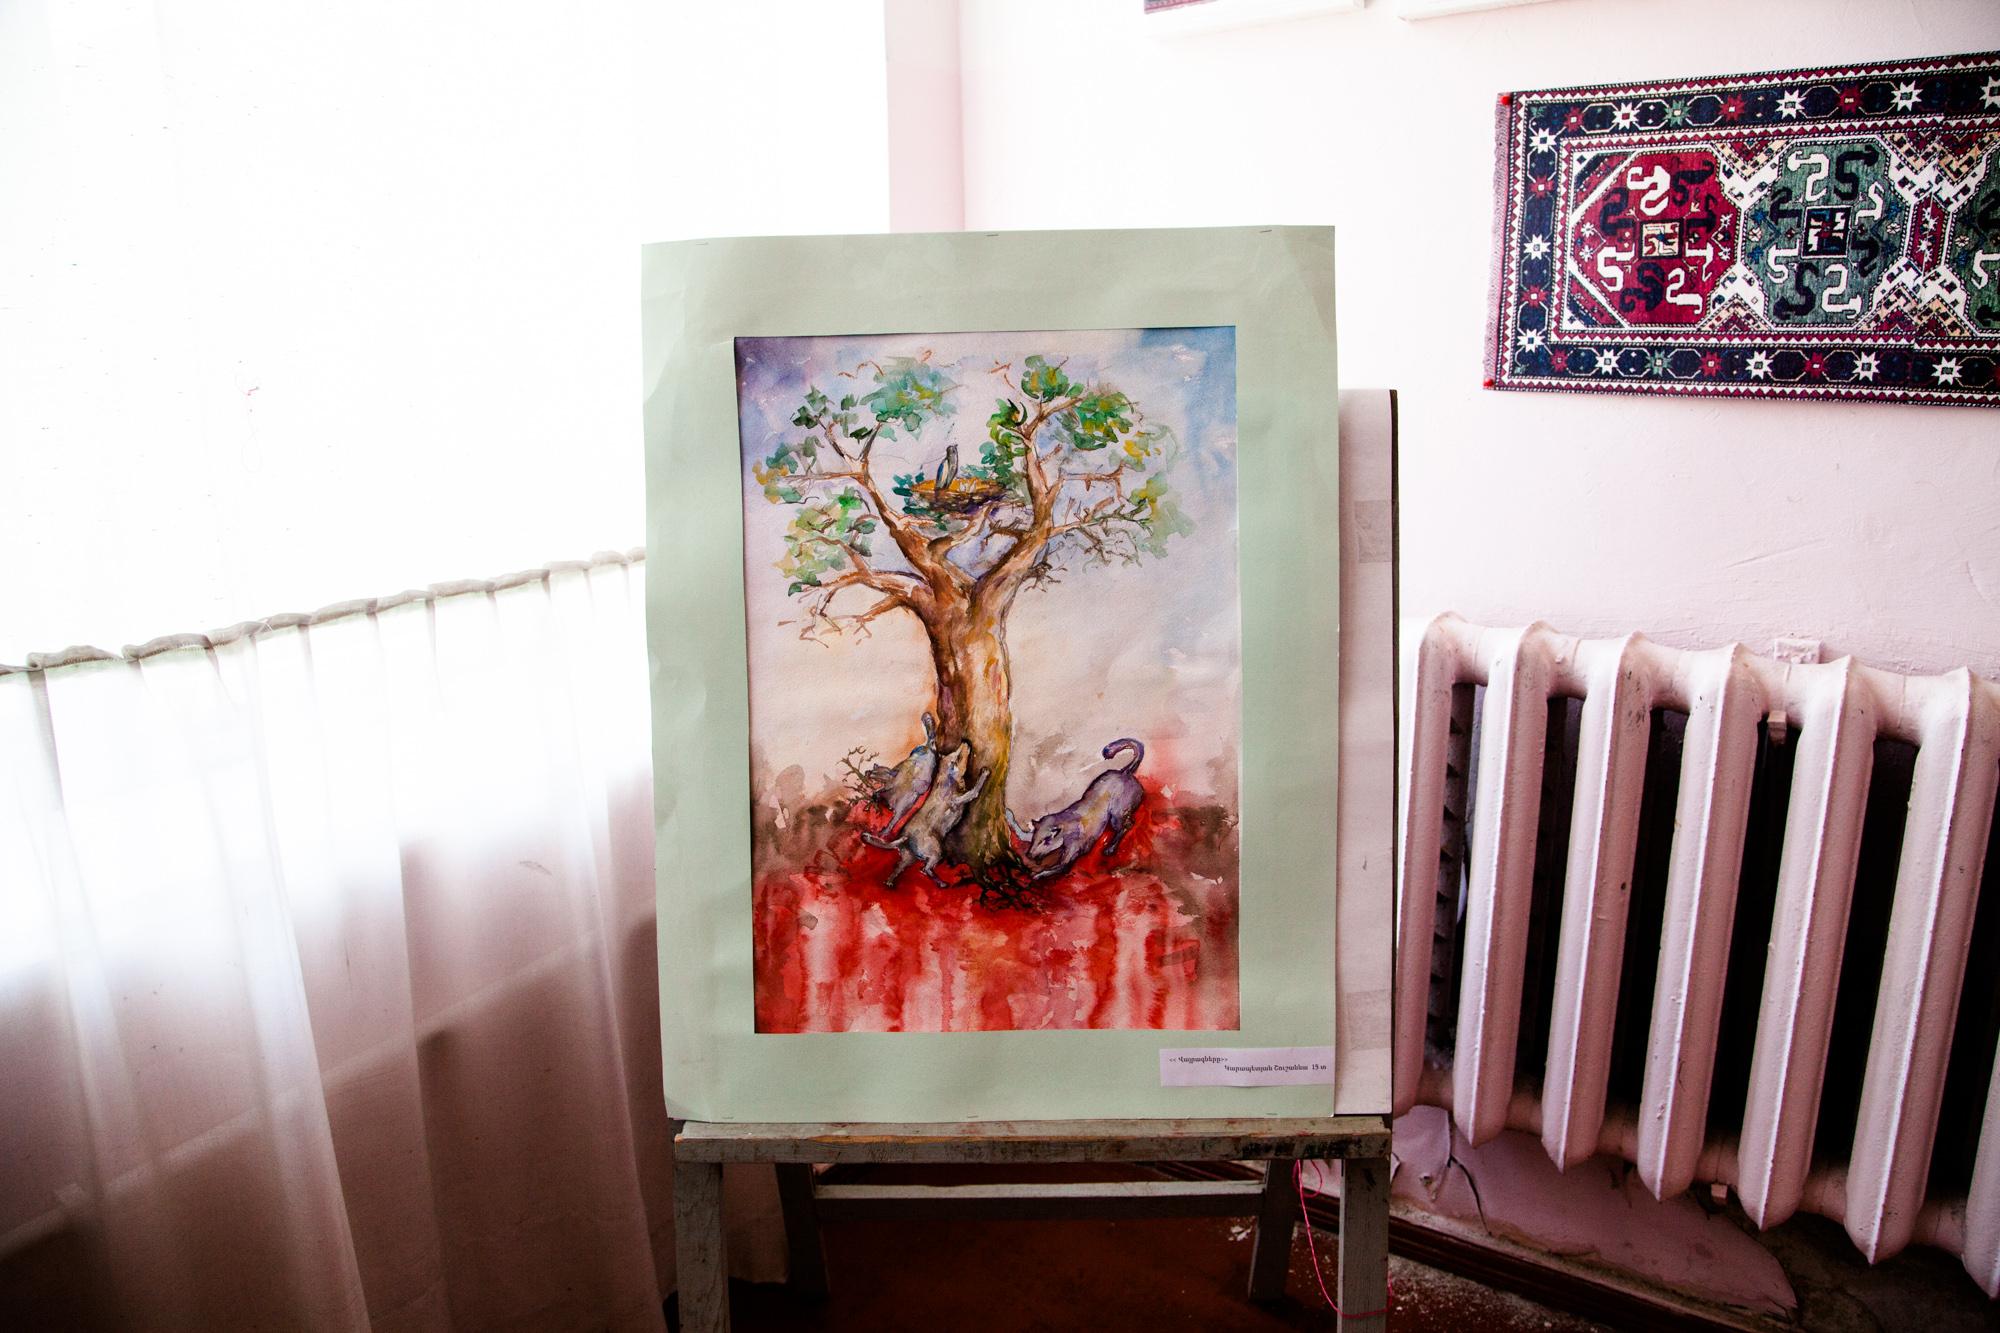 """À la Maison de la Culture, où l'on trouve bibliothèque et ateliers de dessin et broderie, Shushan a gagné le Premier Prix du Concours d'aquarelle. Elle a 13 ans, et son dessin figure le génocide arménien. """" Je m'appelle Shushan. Dans mon dessin, j'ai décrit... (Elle se reprend.) J'ai dédié mon dessin au génocide. J'ai peint un arbre qui représente l'Arménie, ses racines sont profondes dans la terre. Et les carnassiers représentent les Turcs, qui veulent déraciner l'arbre. Mais ils ont beau essayer encore et encore, ils n'arrivent pas, jamais, à le déraciner totalement. Les carnassiers sont les Turcs. Là, c'est le sang des victimes innocentes. Et les Arméniens ont installé sur l'arbre leur nid paisible, leur berceau. """"  Extraits du webdocumentaire   Ashotsk, aux confins de l'Arménie  ."""